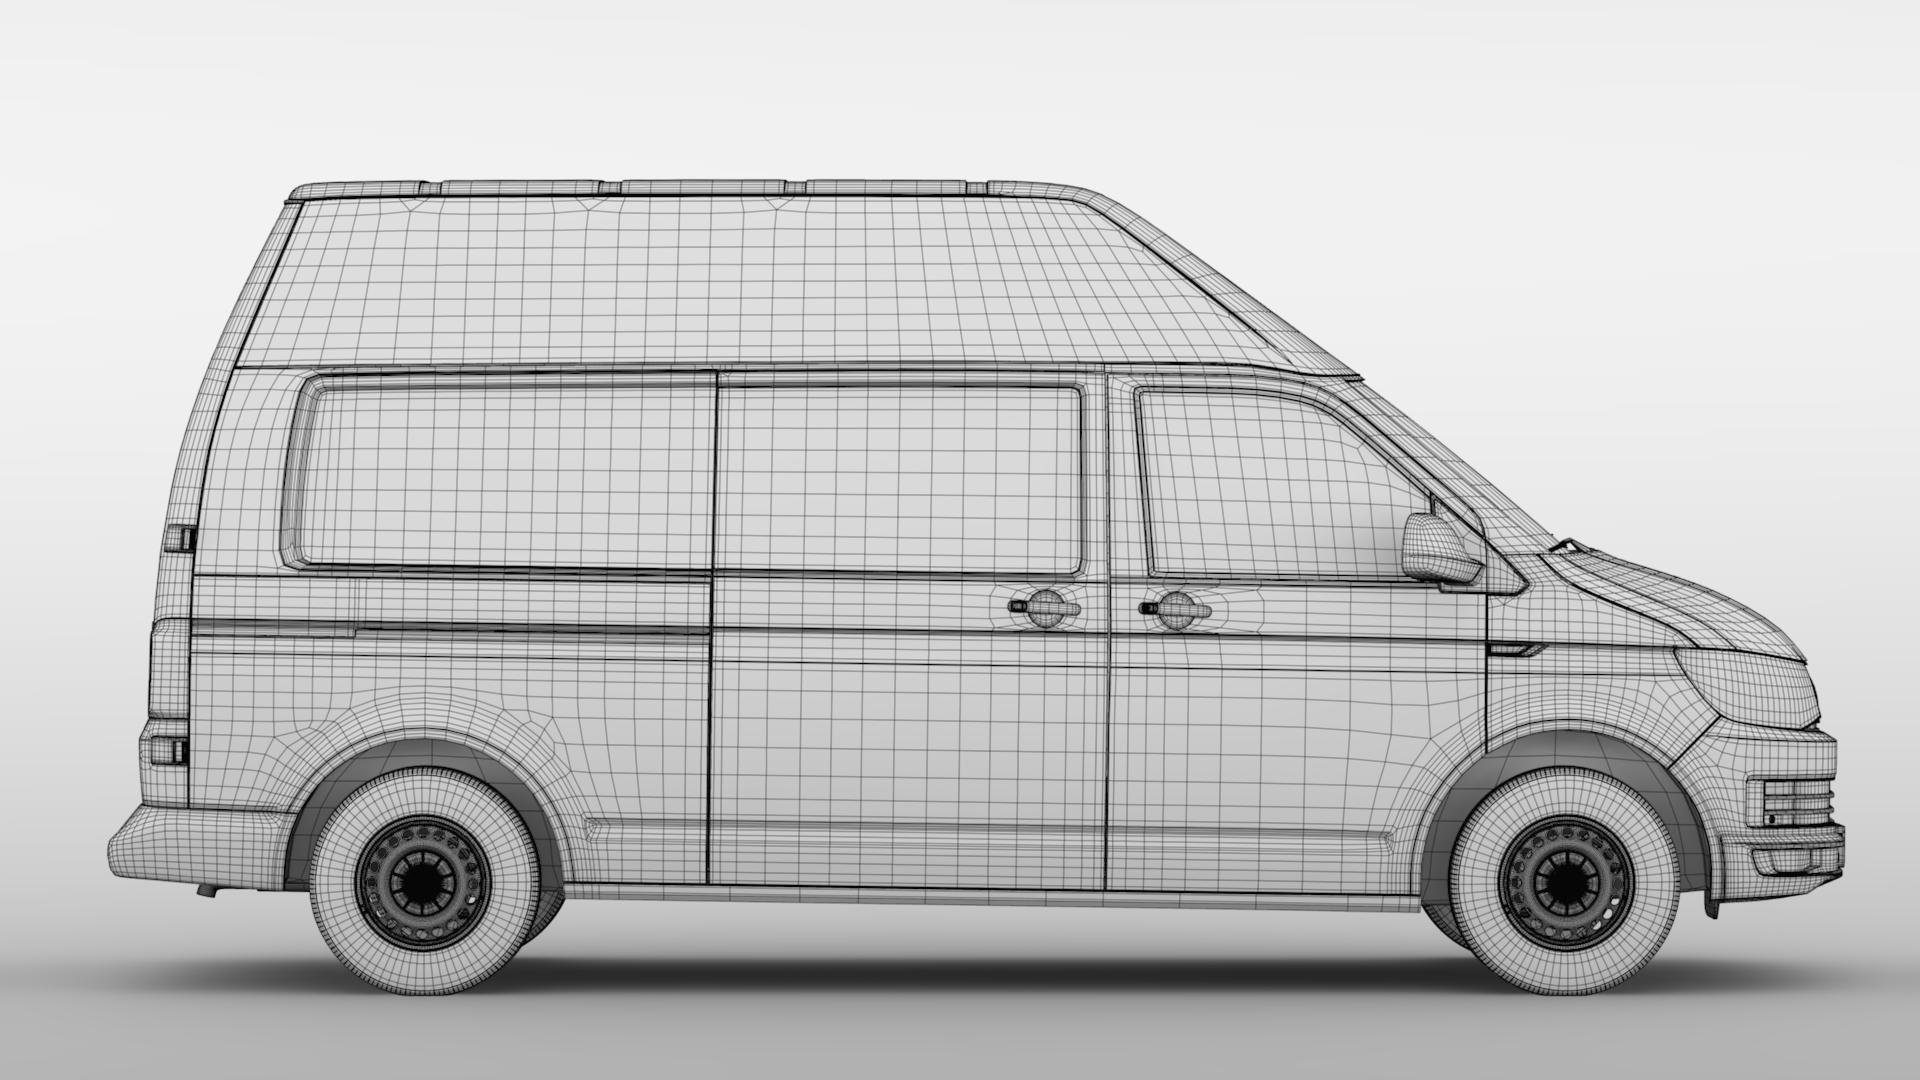 volkswagen transporter van l2h3 t6 2017 3d model max fbx c4d lwo ma mb hrc xsi obj 275306